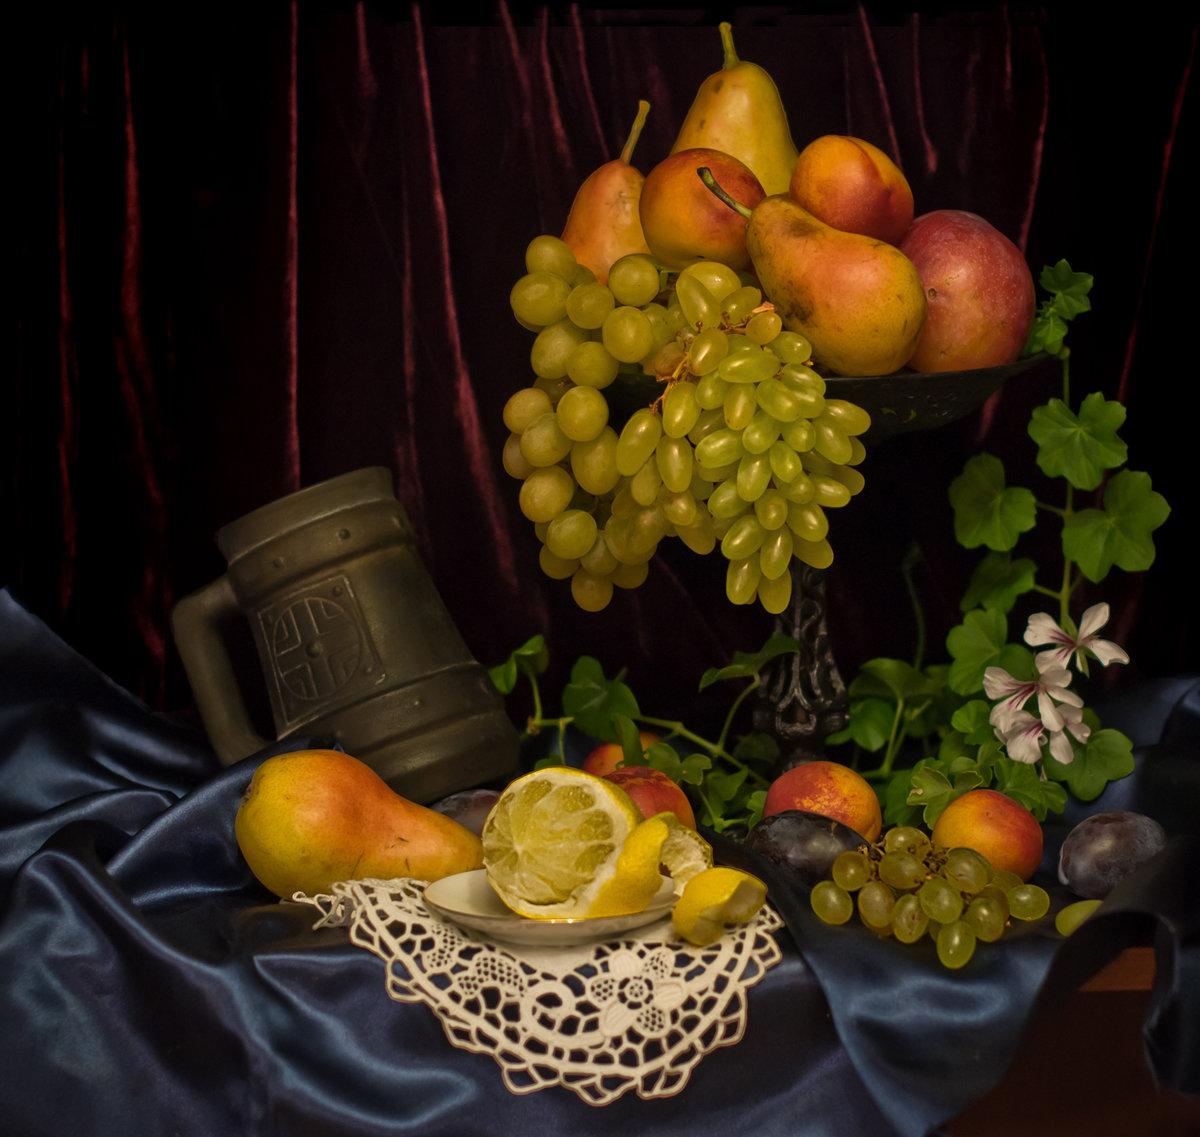 купить картинки натюрморт фрукты это неприхотливый красивый